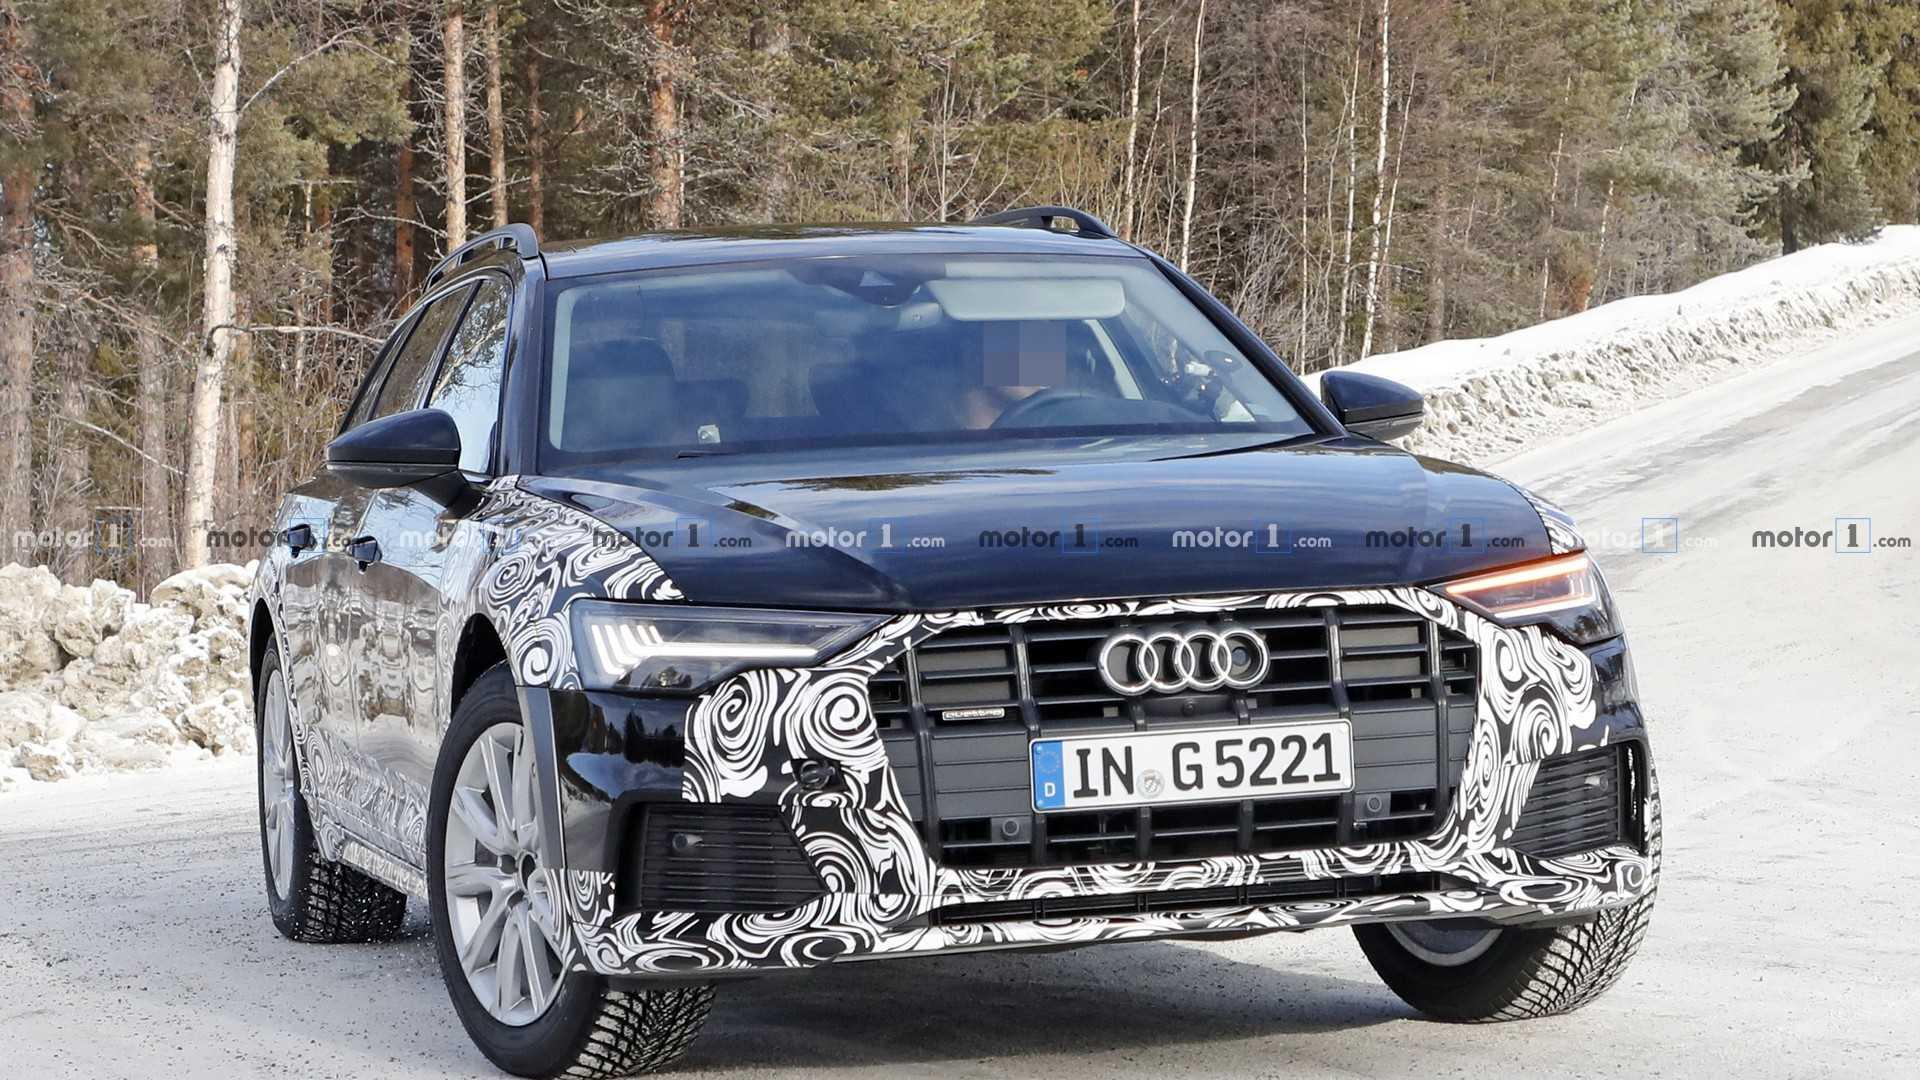 Novi Audi A6 All road 2019